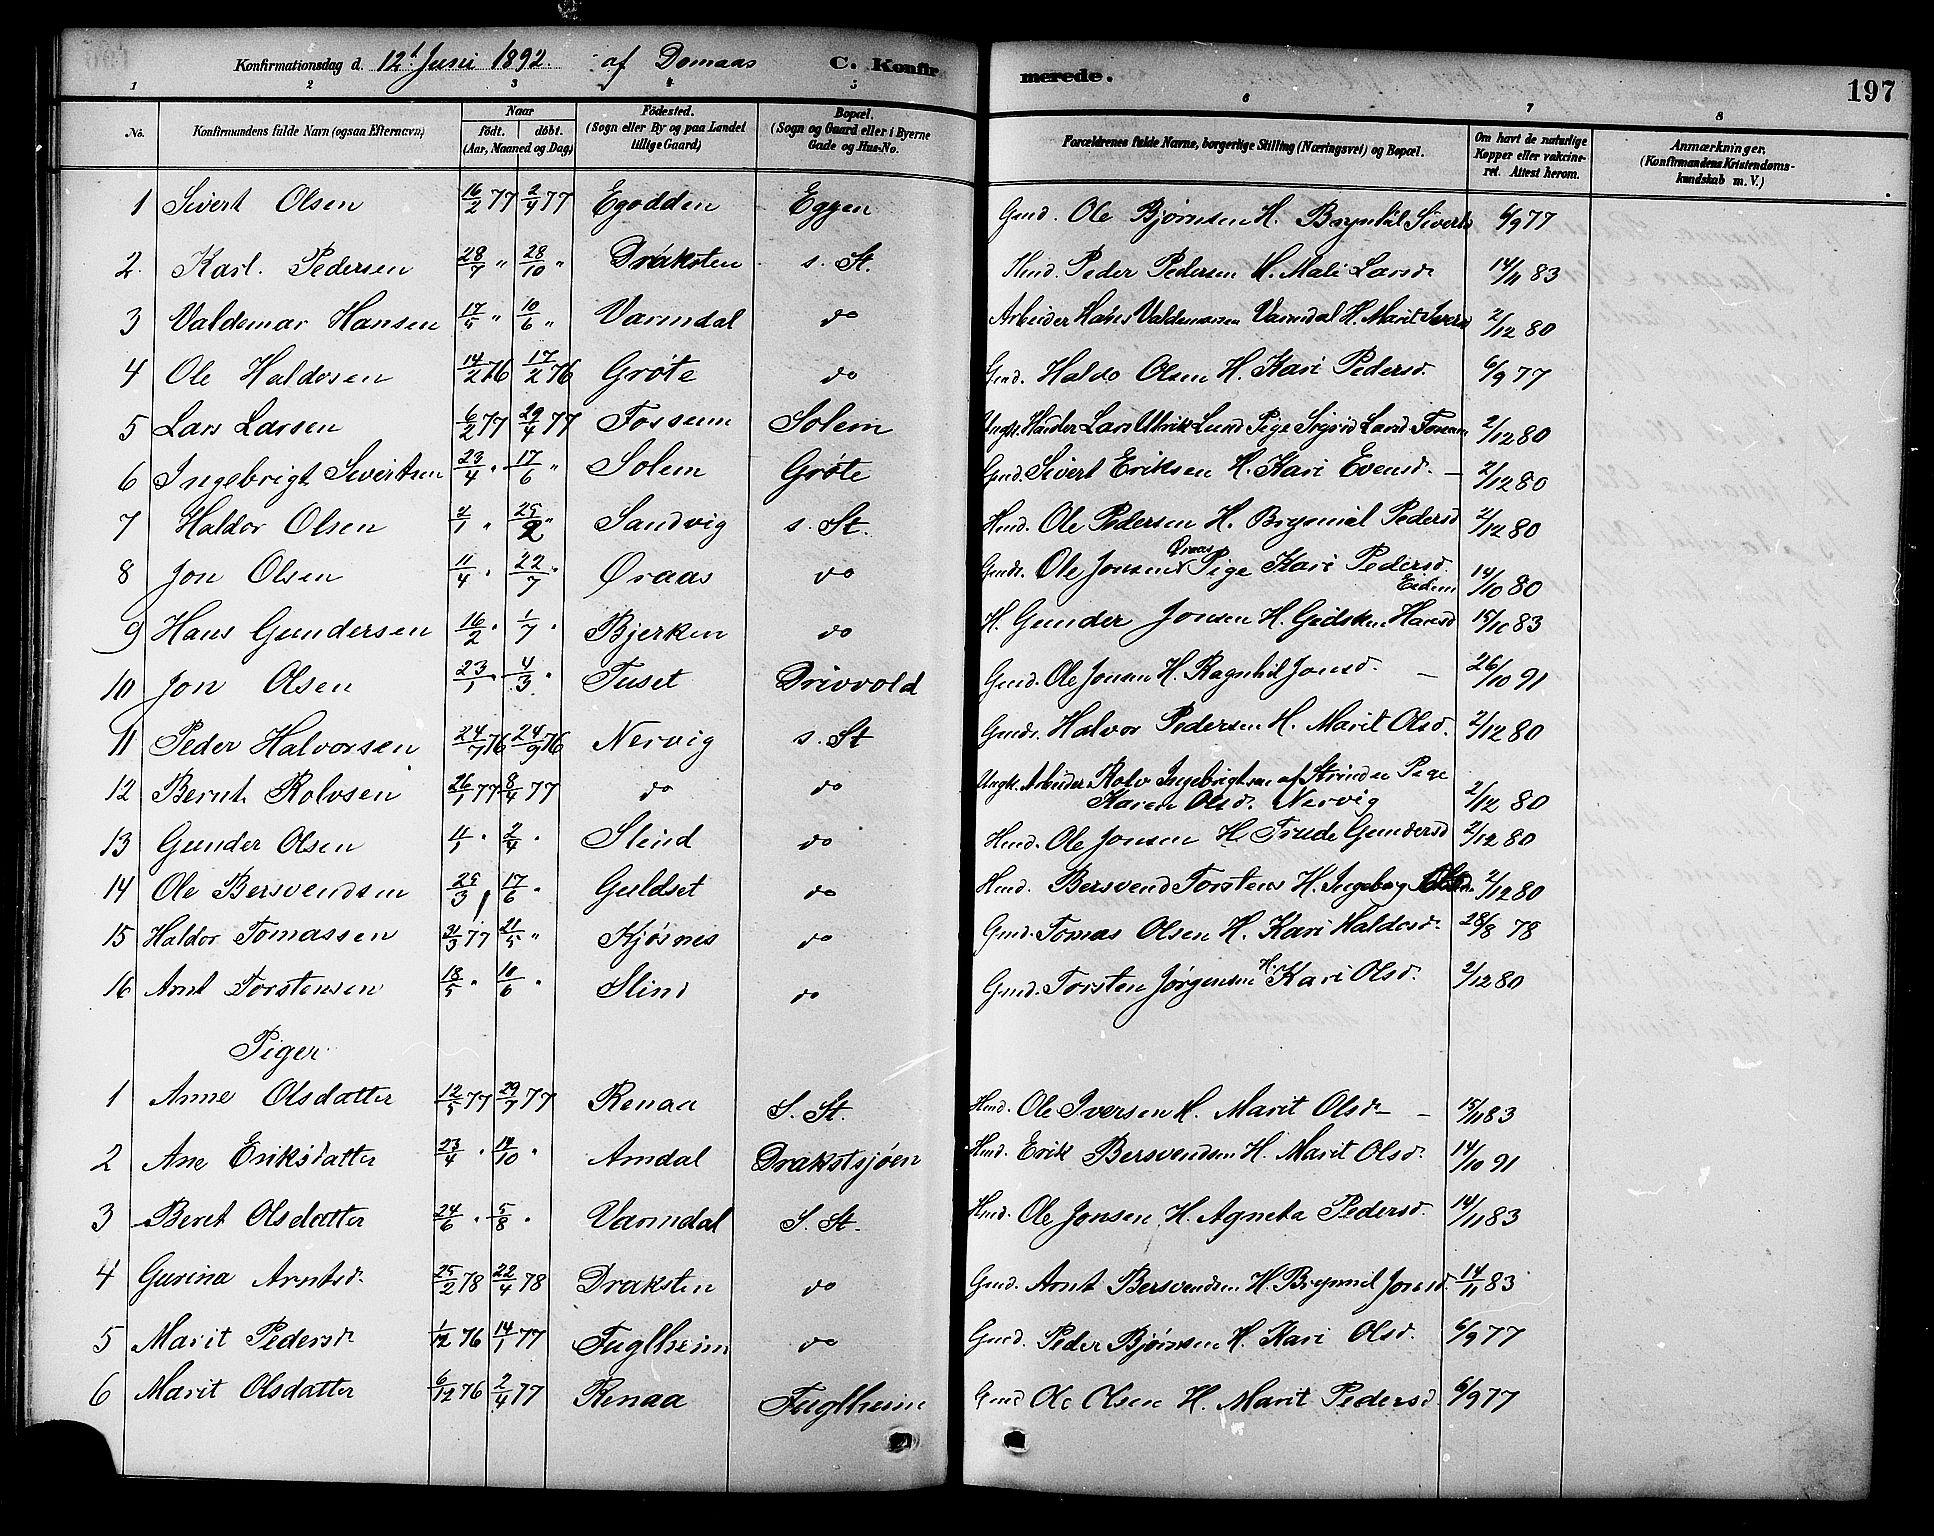 SAT, Ministerialprotokoller, klokkerbøker og fødselsregistre - Sør-Trøndelag, 695/L1157: Klokkerbok nr. 695C08, 1889-1913, s. 197